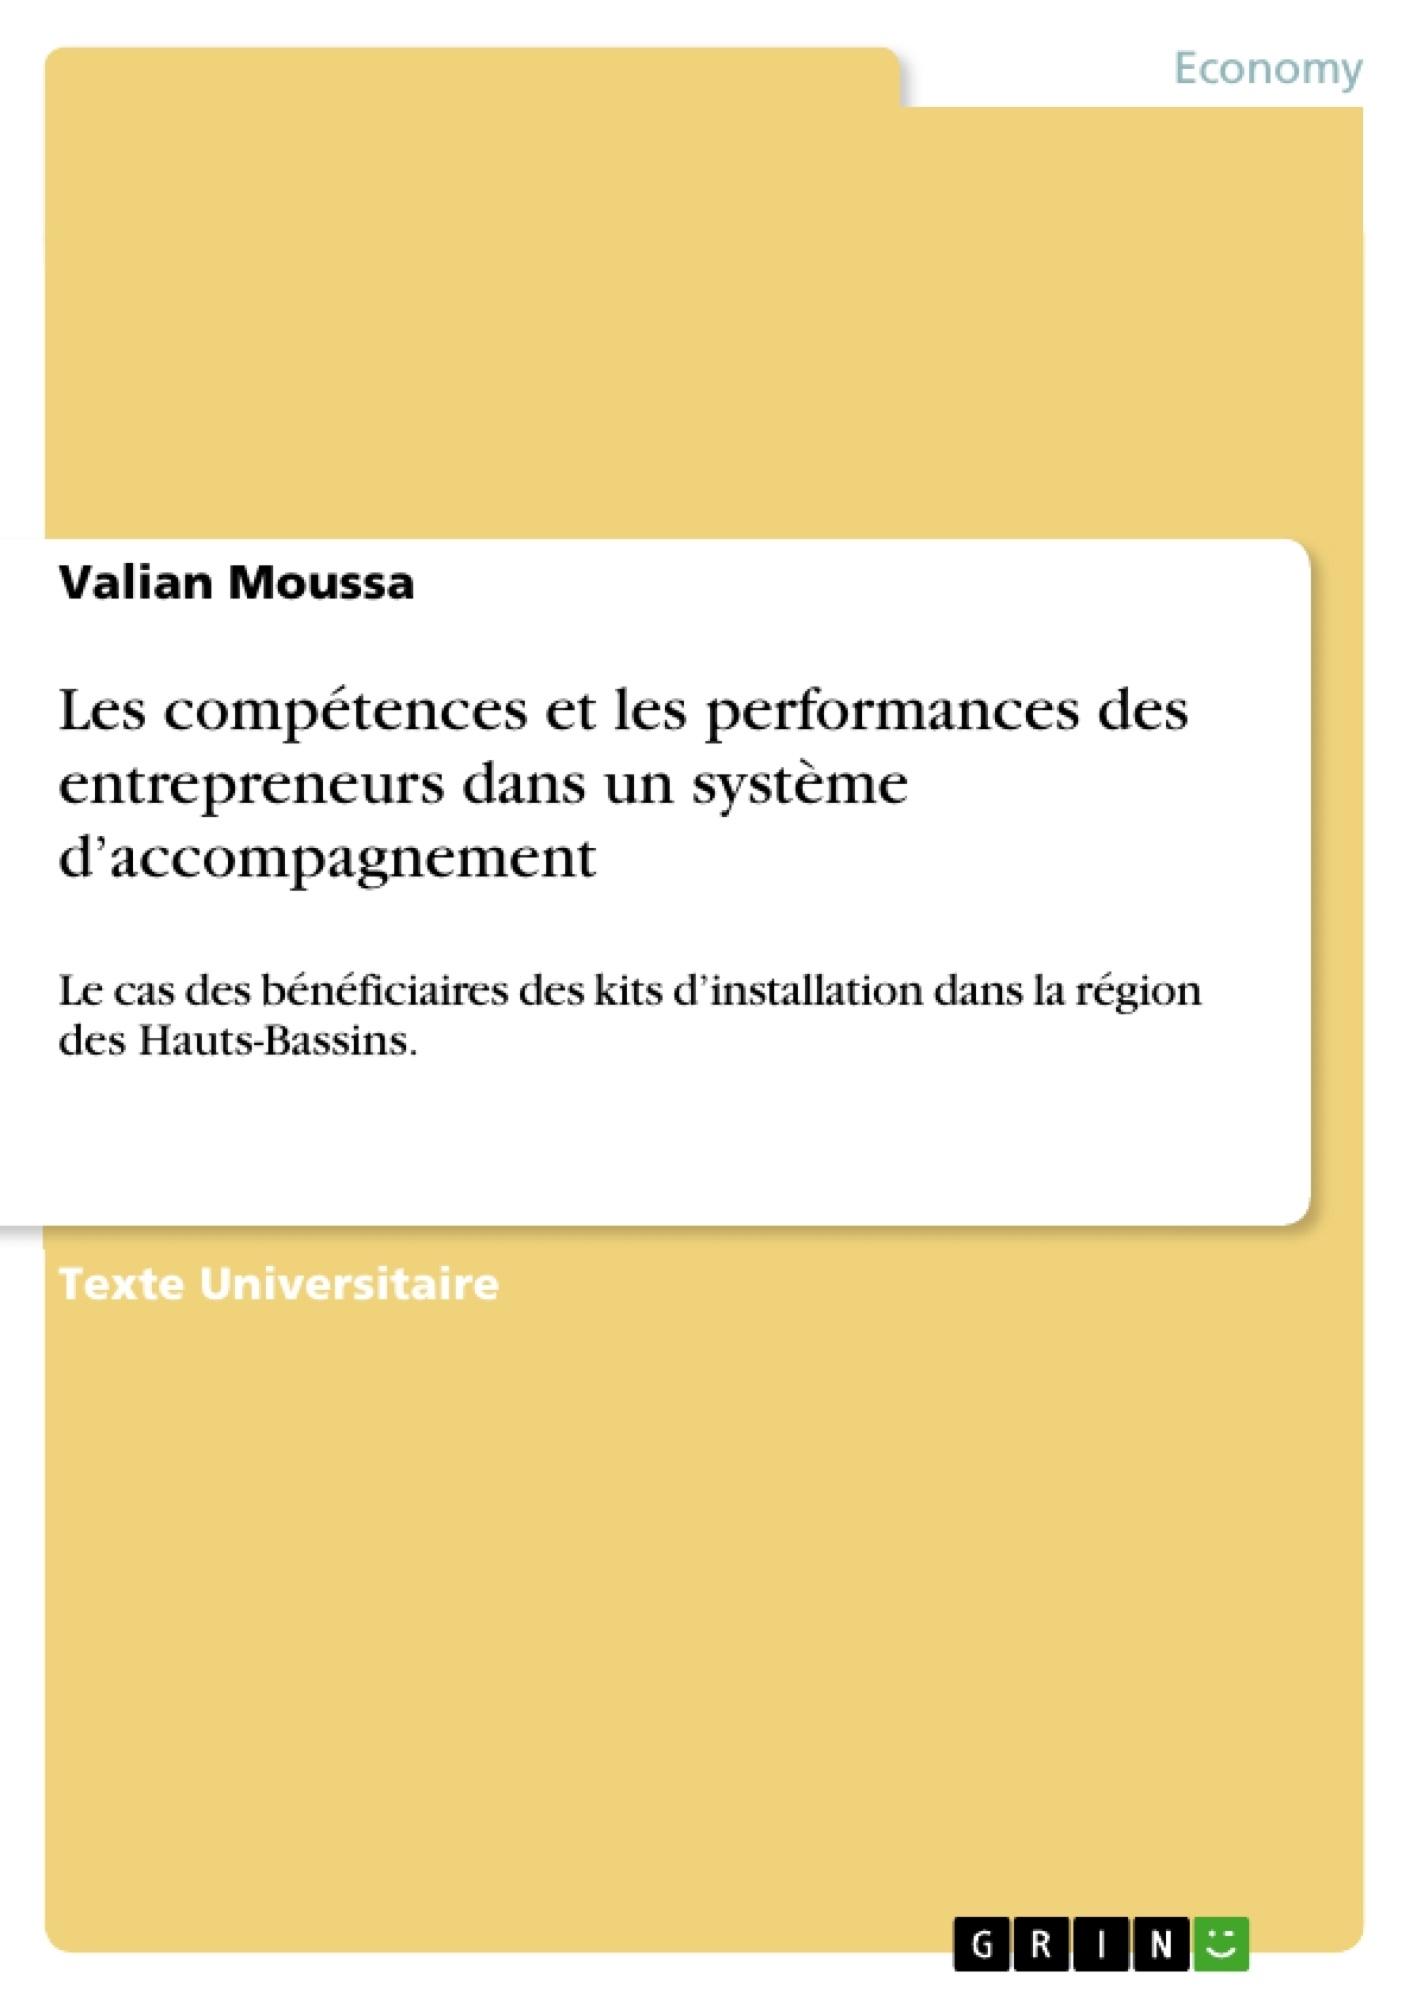 Titre: Les compétences et les performances des entrepreneurs dans un système d'accompagnement